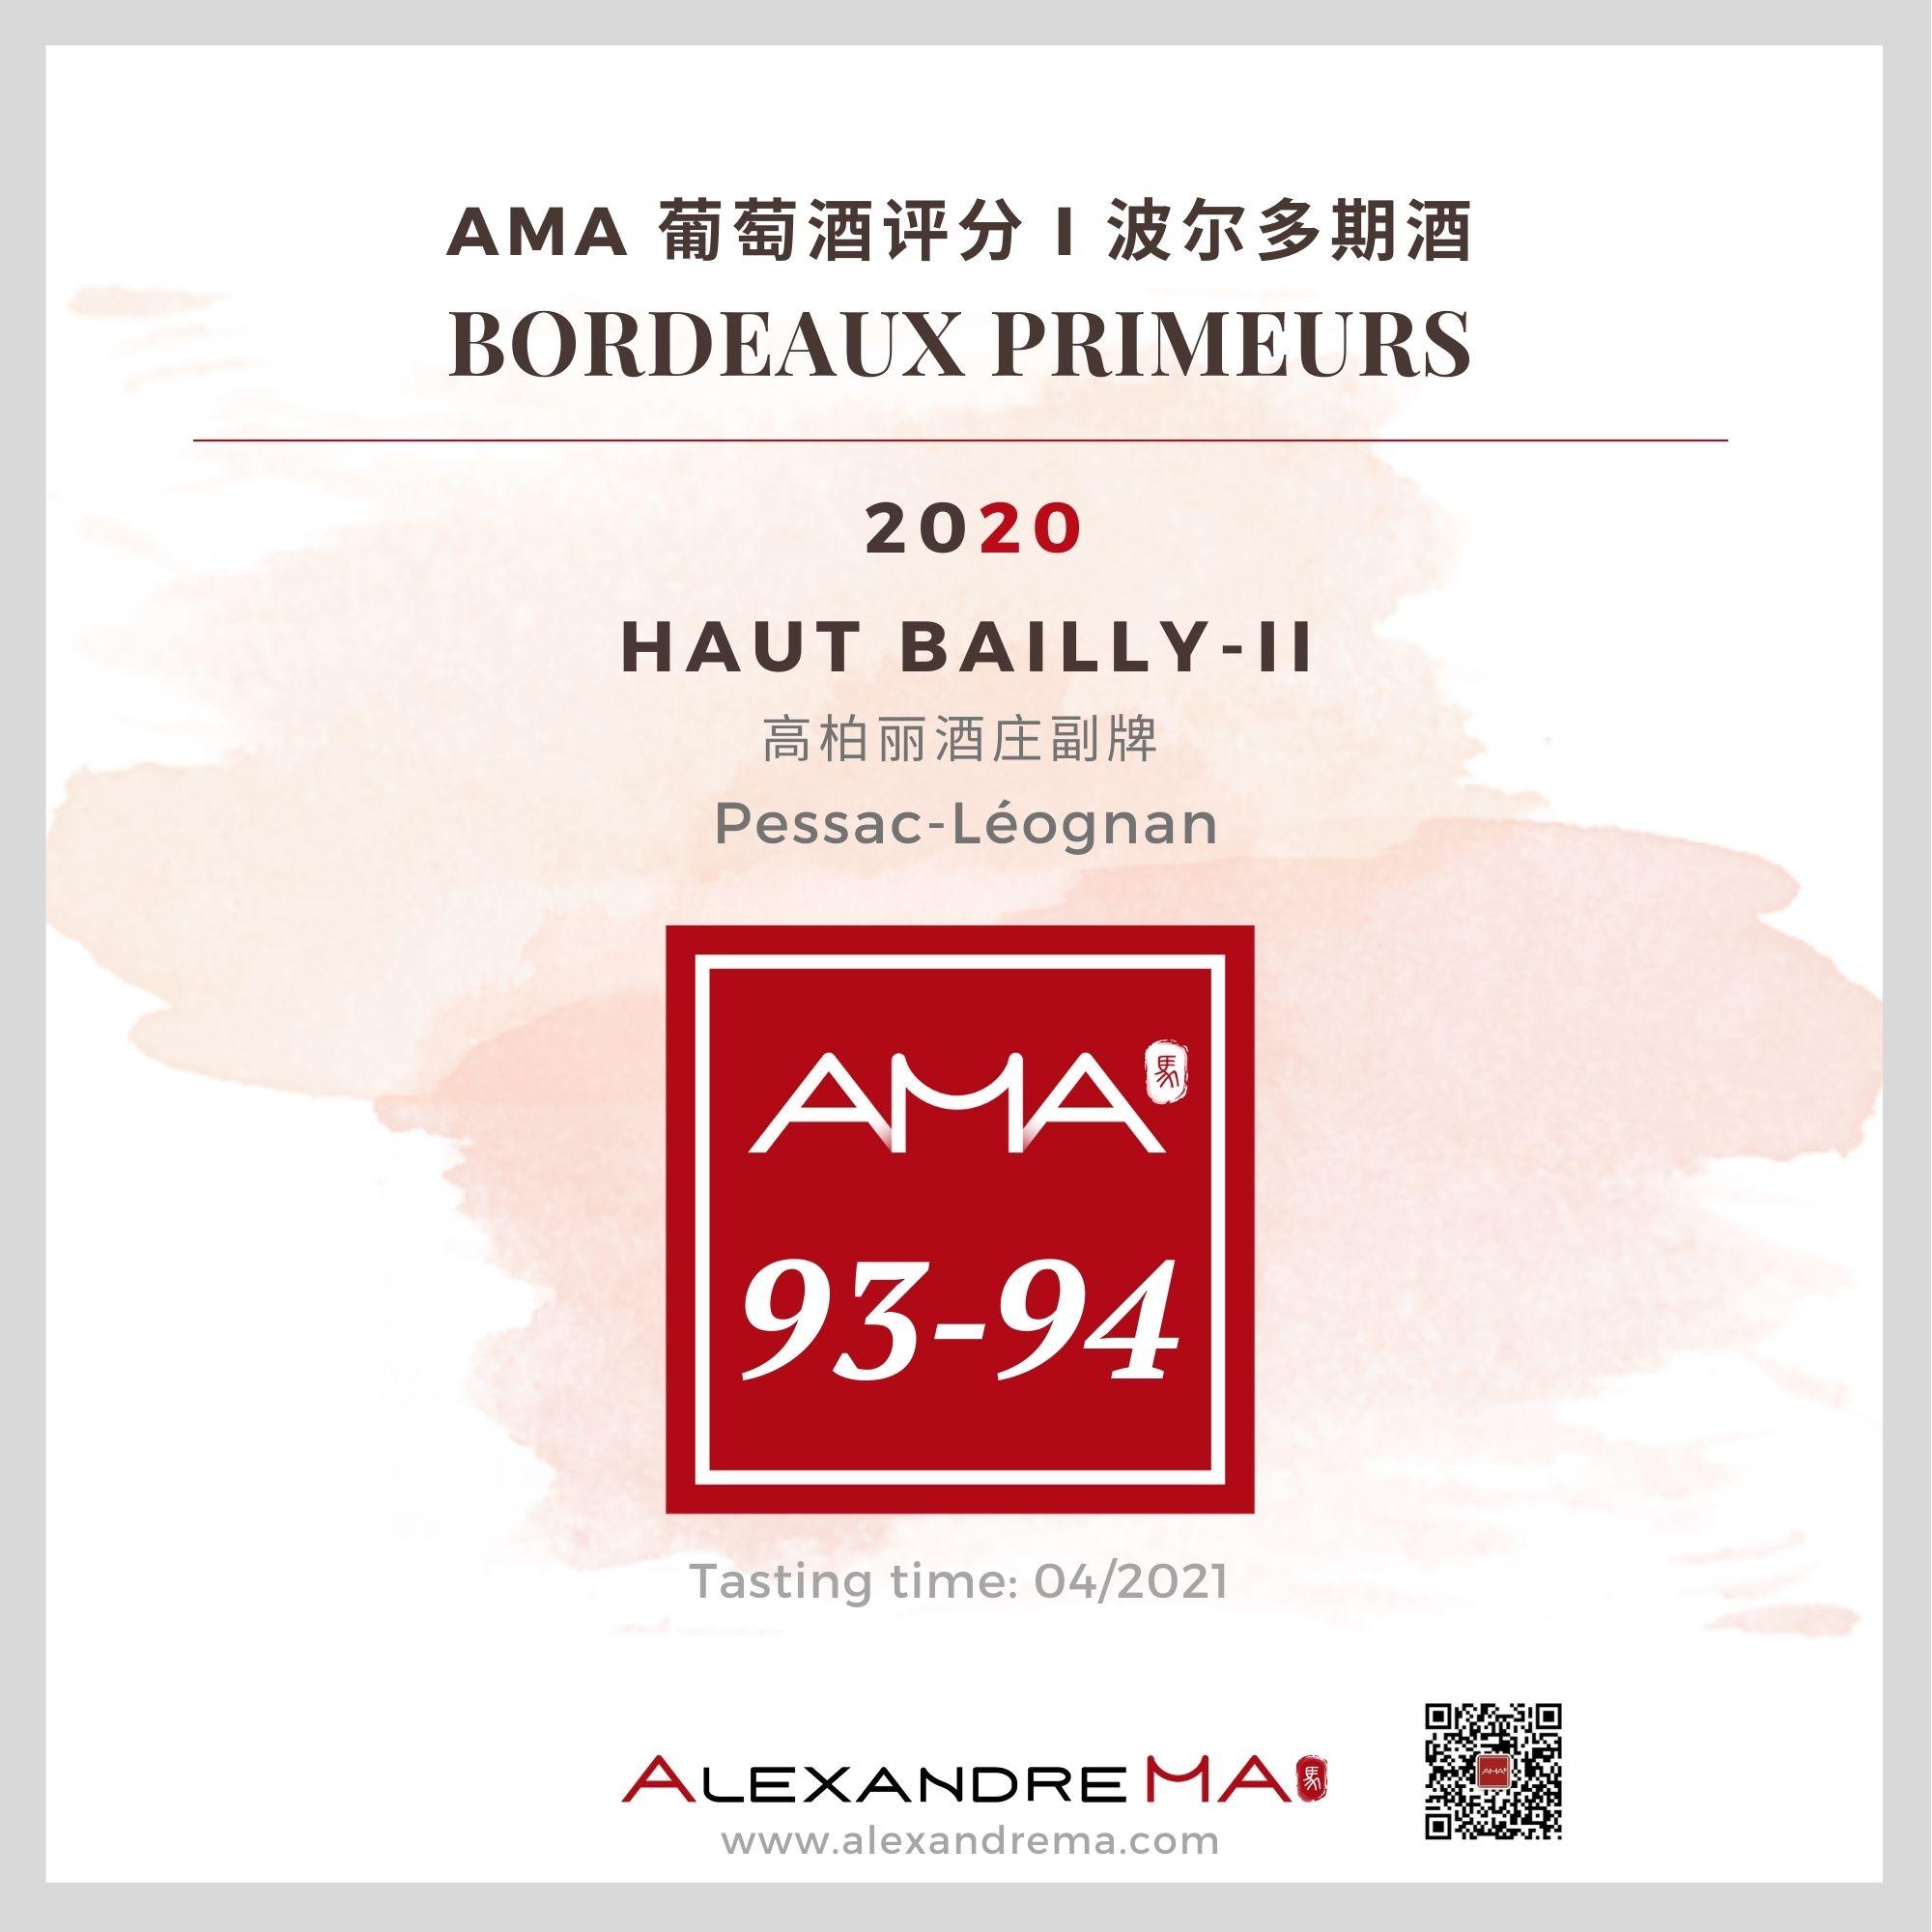 Château Haut-Bailly – Haut Bailly-II 2020 高柏丽酒庄副牌 - Alexandre Ma